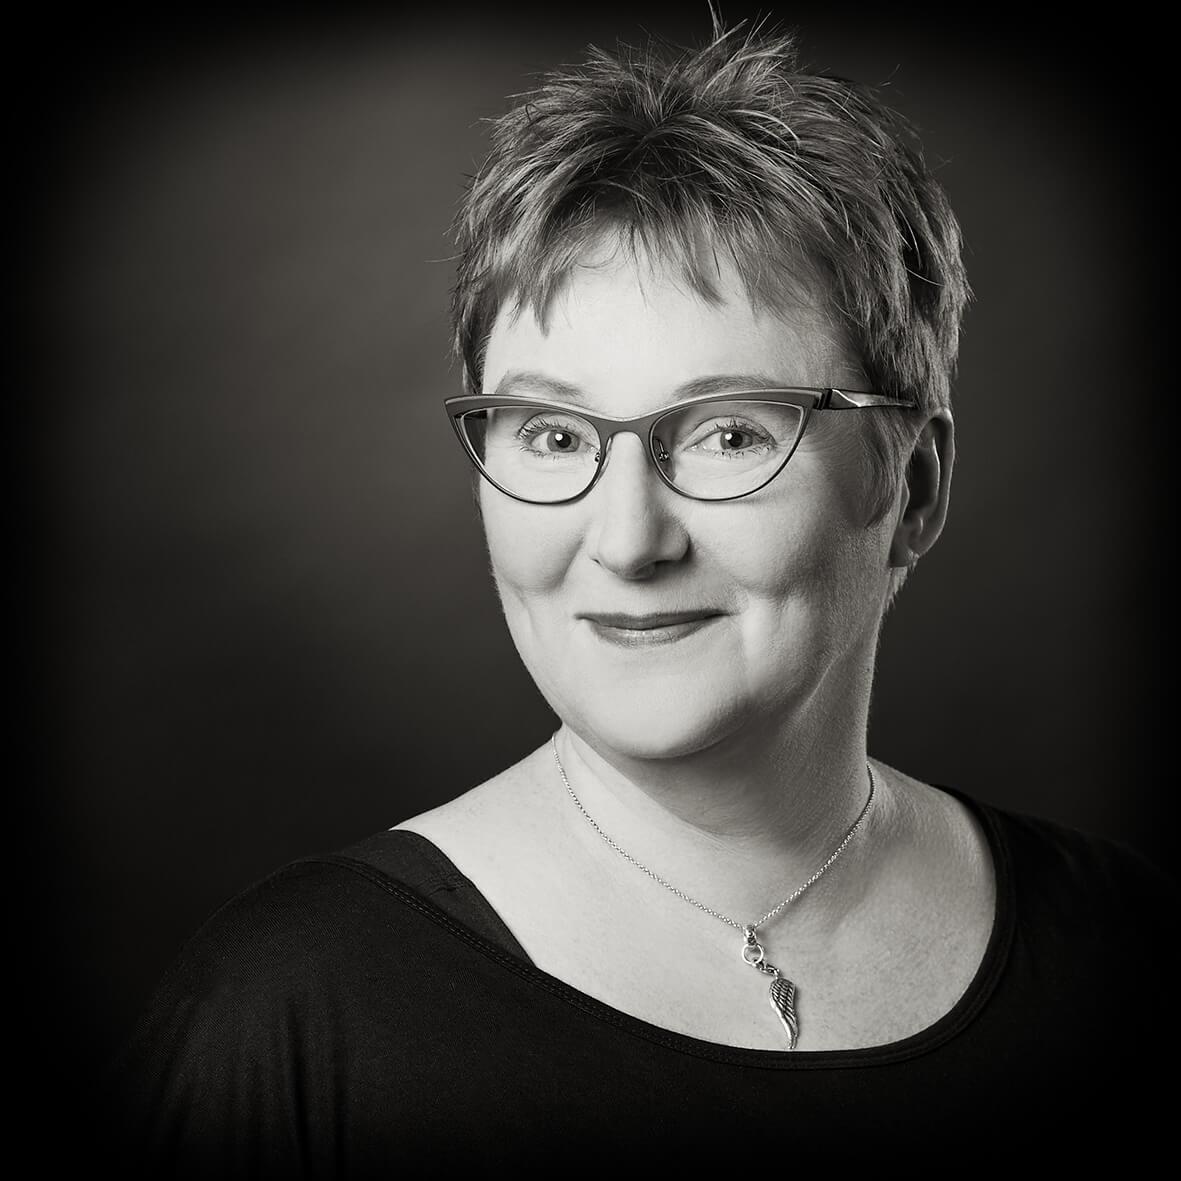 Anette Hosenfeldt Portraitfoto Fotostudio Hosenfeldt